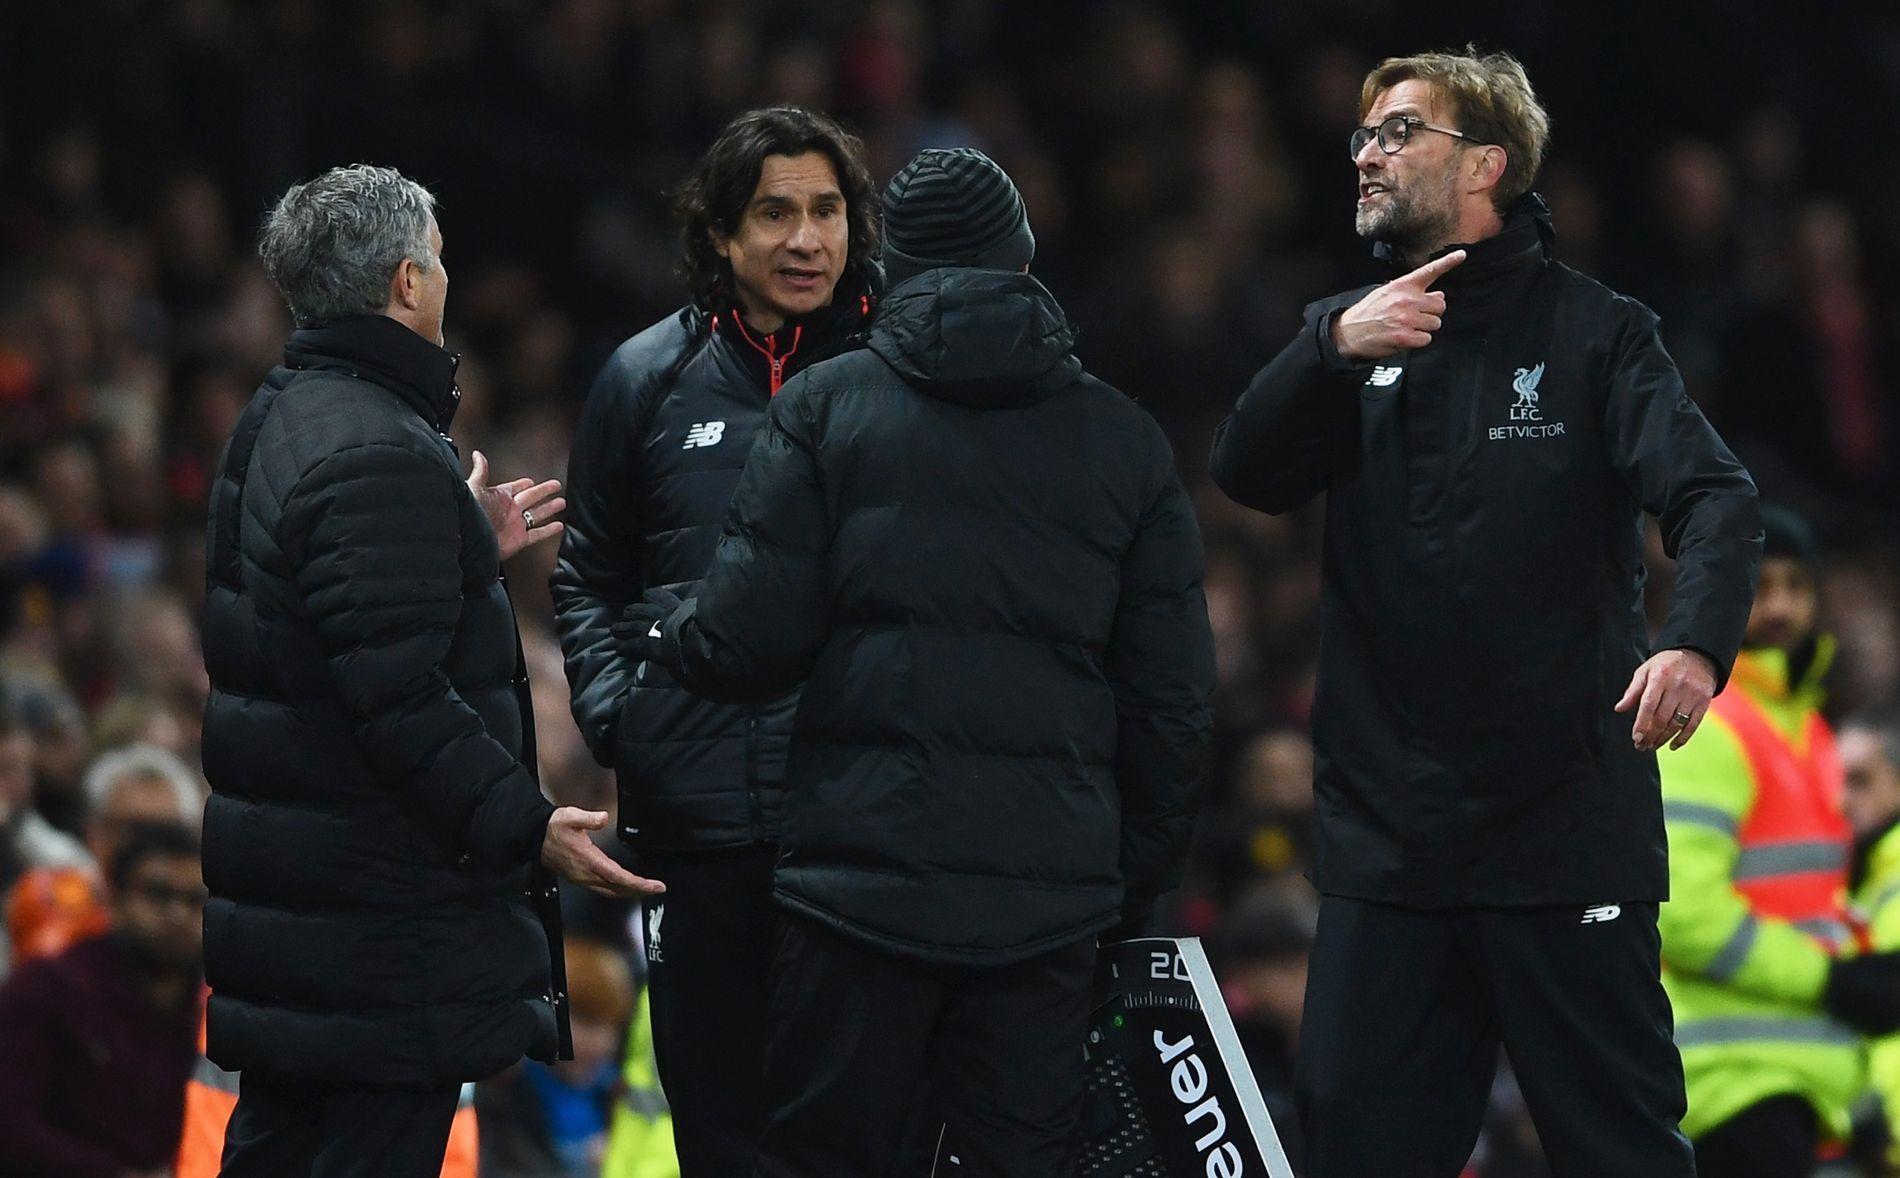 KRANGLET: Jürgen Klopp (t.h.) og José Mourinho (t.v.), kranglet mye da Liverpool og Manchester United møttes i januar.